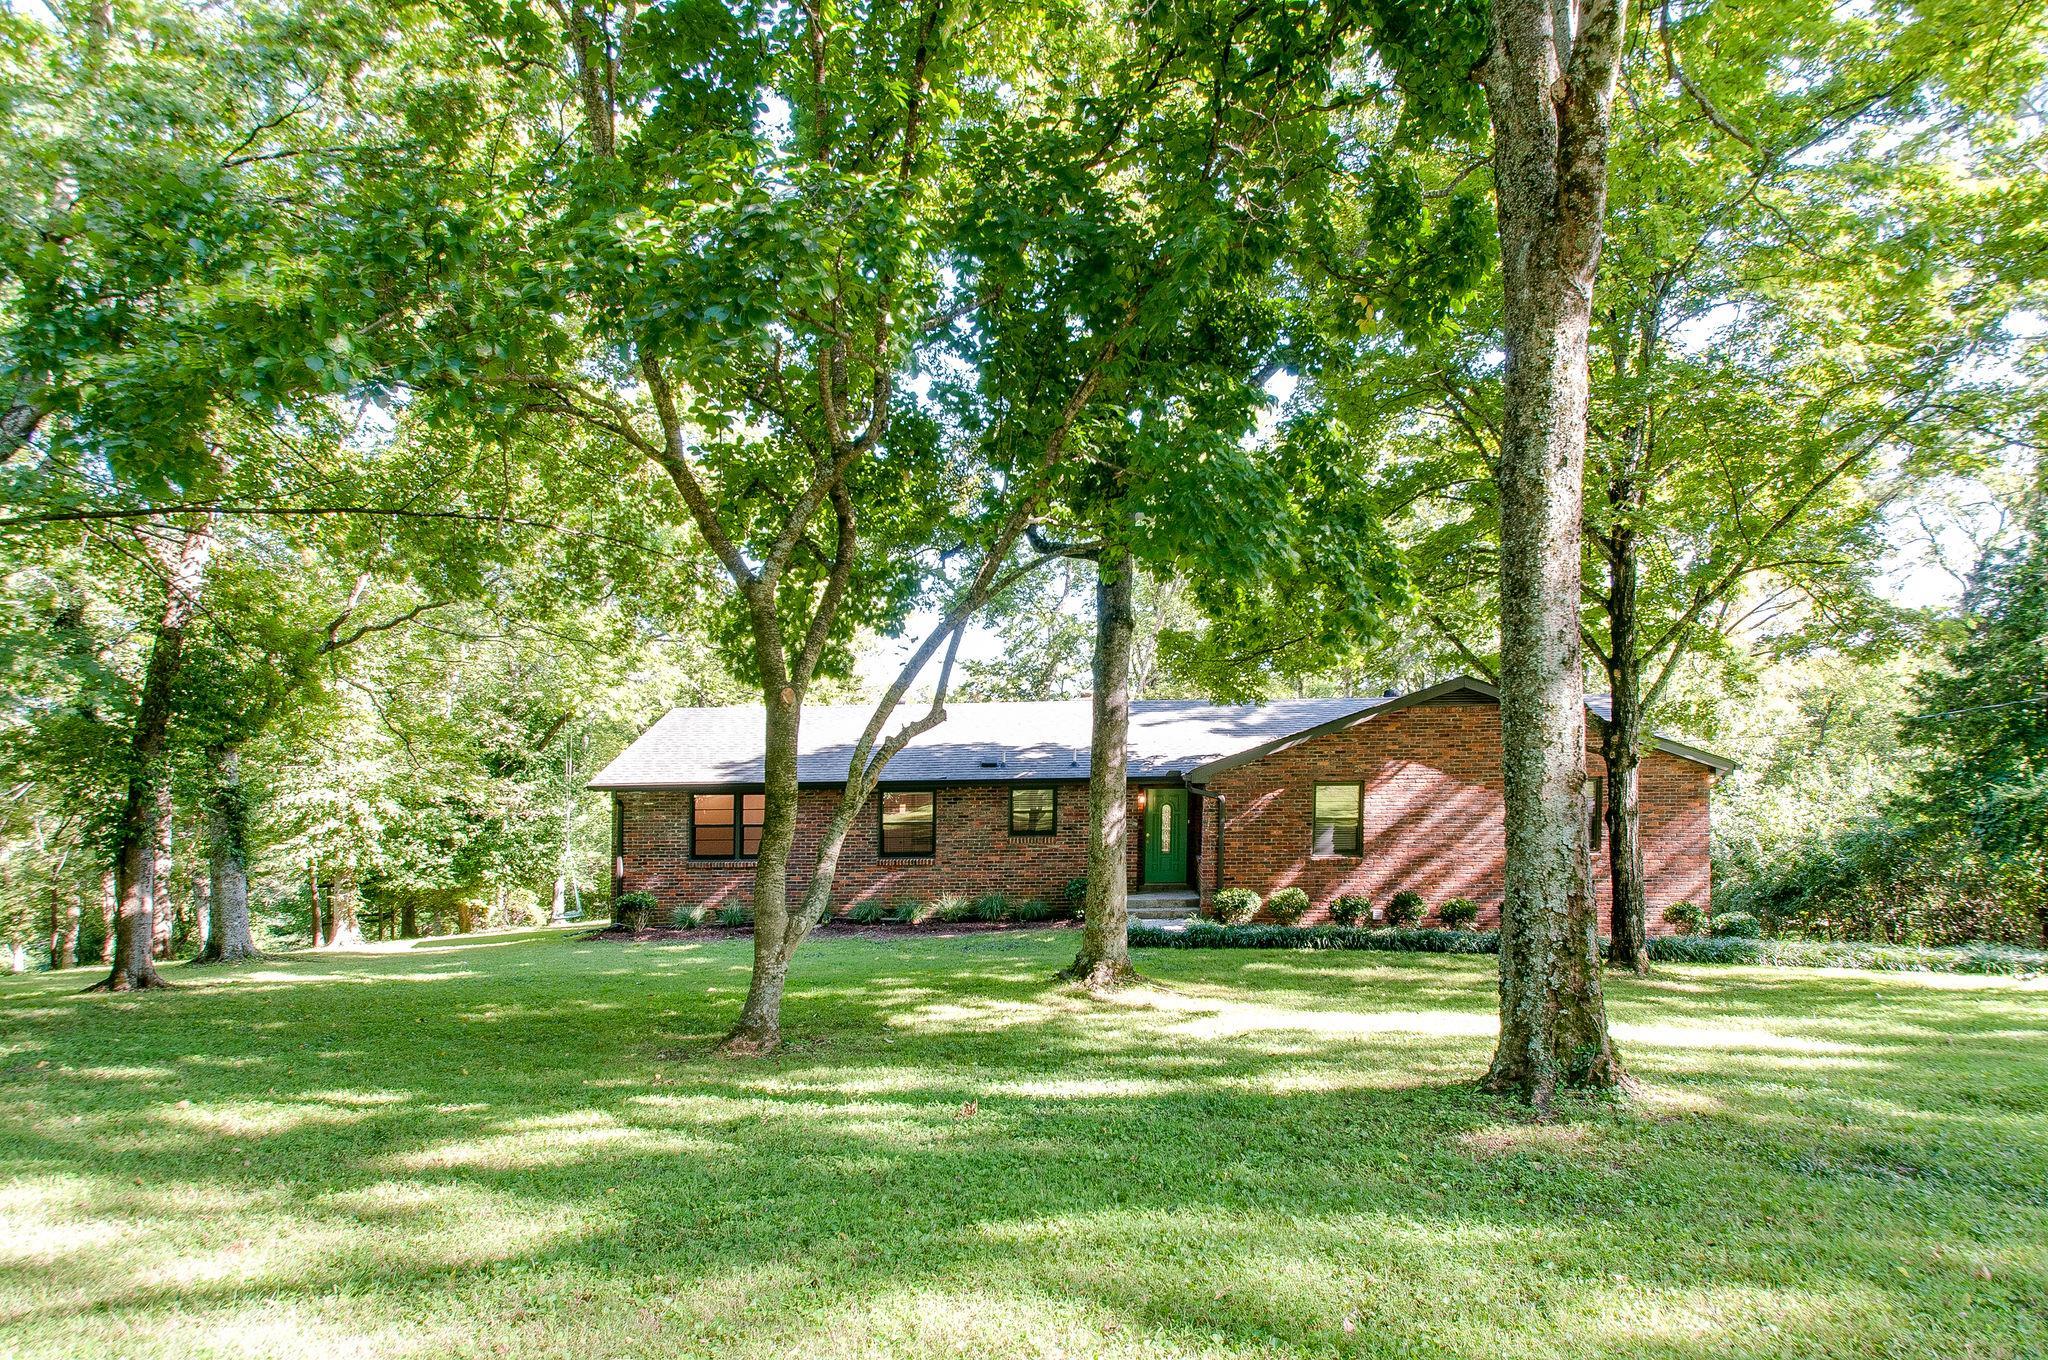 6433 Bresslyn Rd, Nashville, TN 37205 - Nashville, TN real estate listing